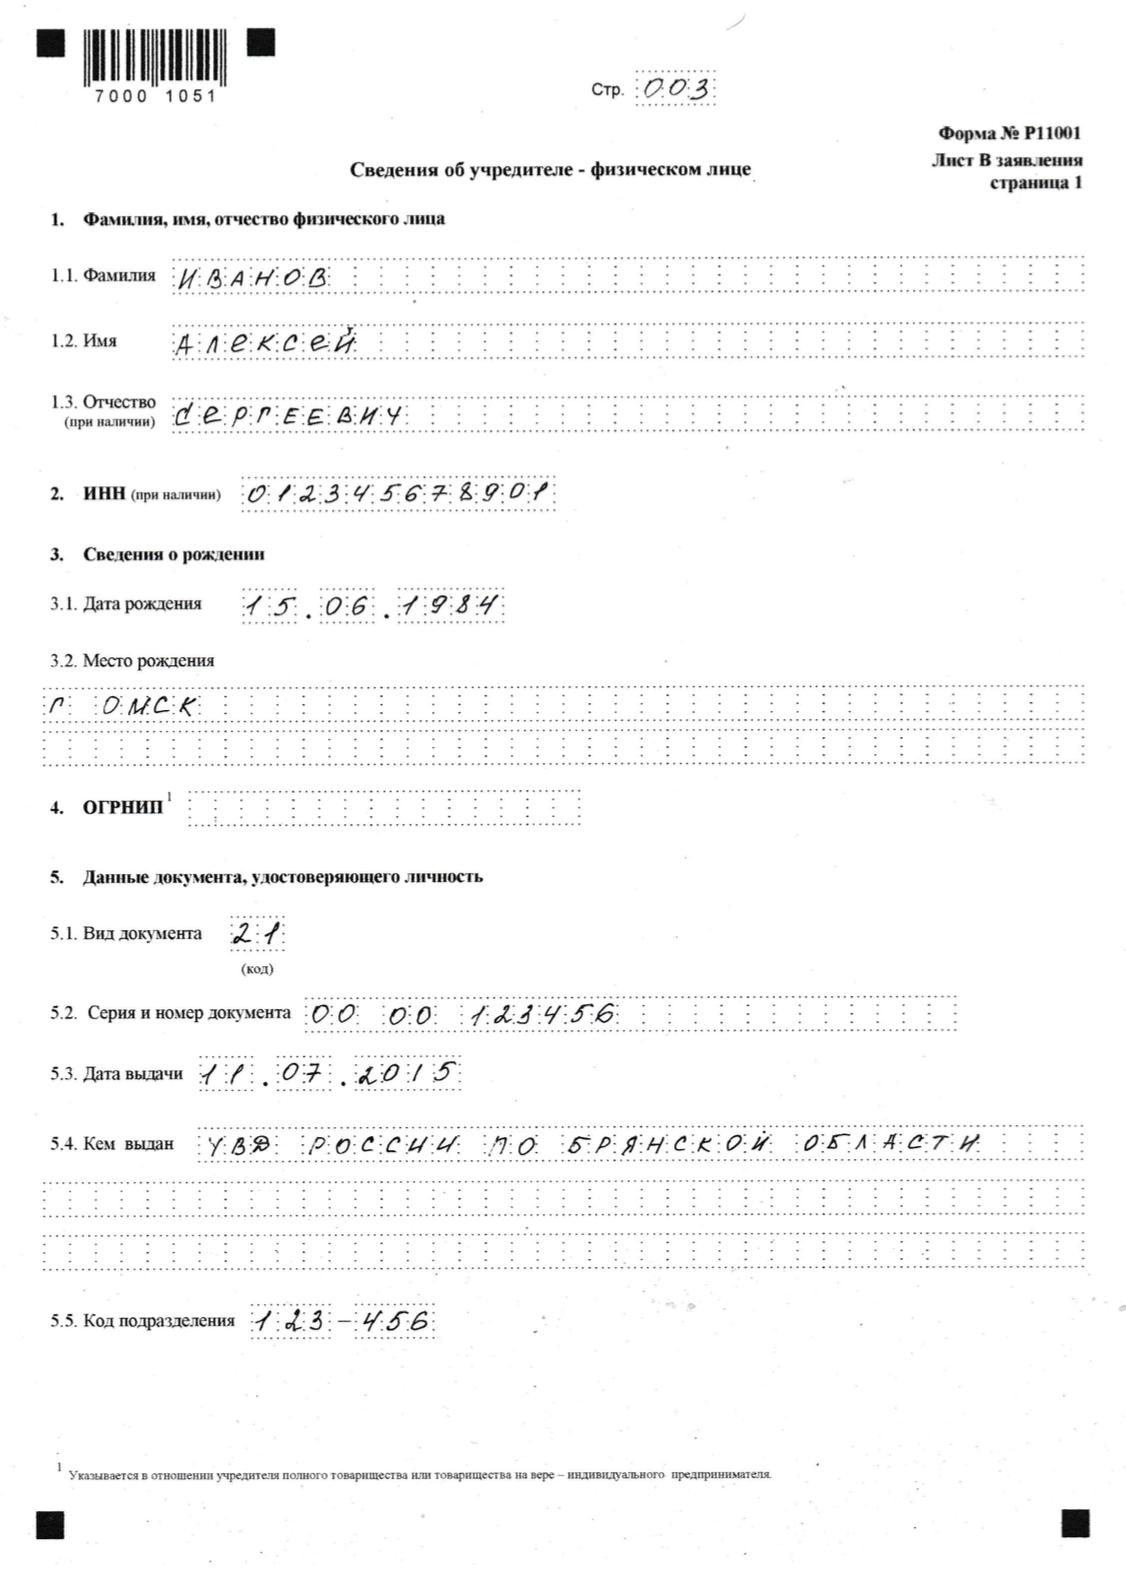 Натретьей странице информация обучредителях. ЛистА заполняют, если учредитель— российское юрлицо, листВ— если иностранное, лист С— если физическое. Накаждого учредителя отдельный лист сданными. Сколько учредителей вООО, столько и будет листовА, В илиС взаявлении